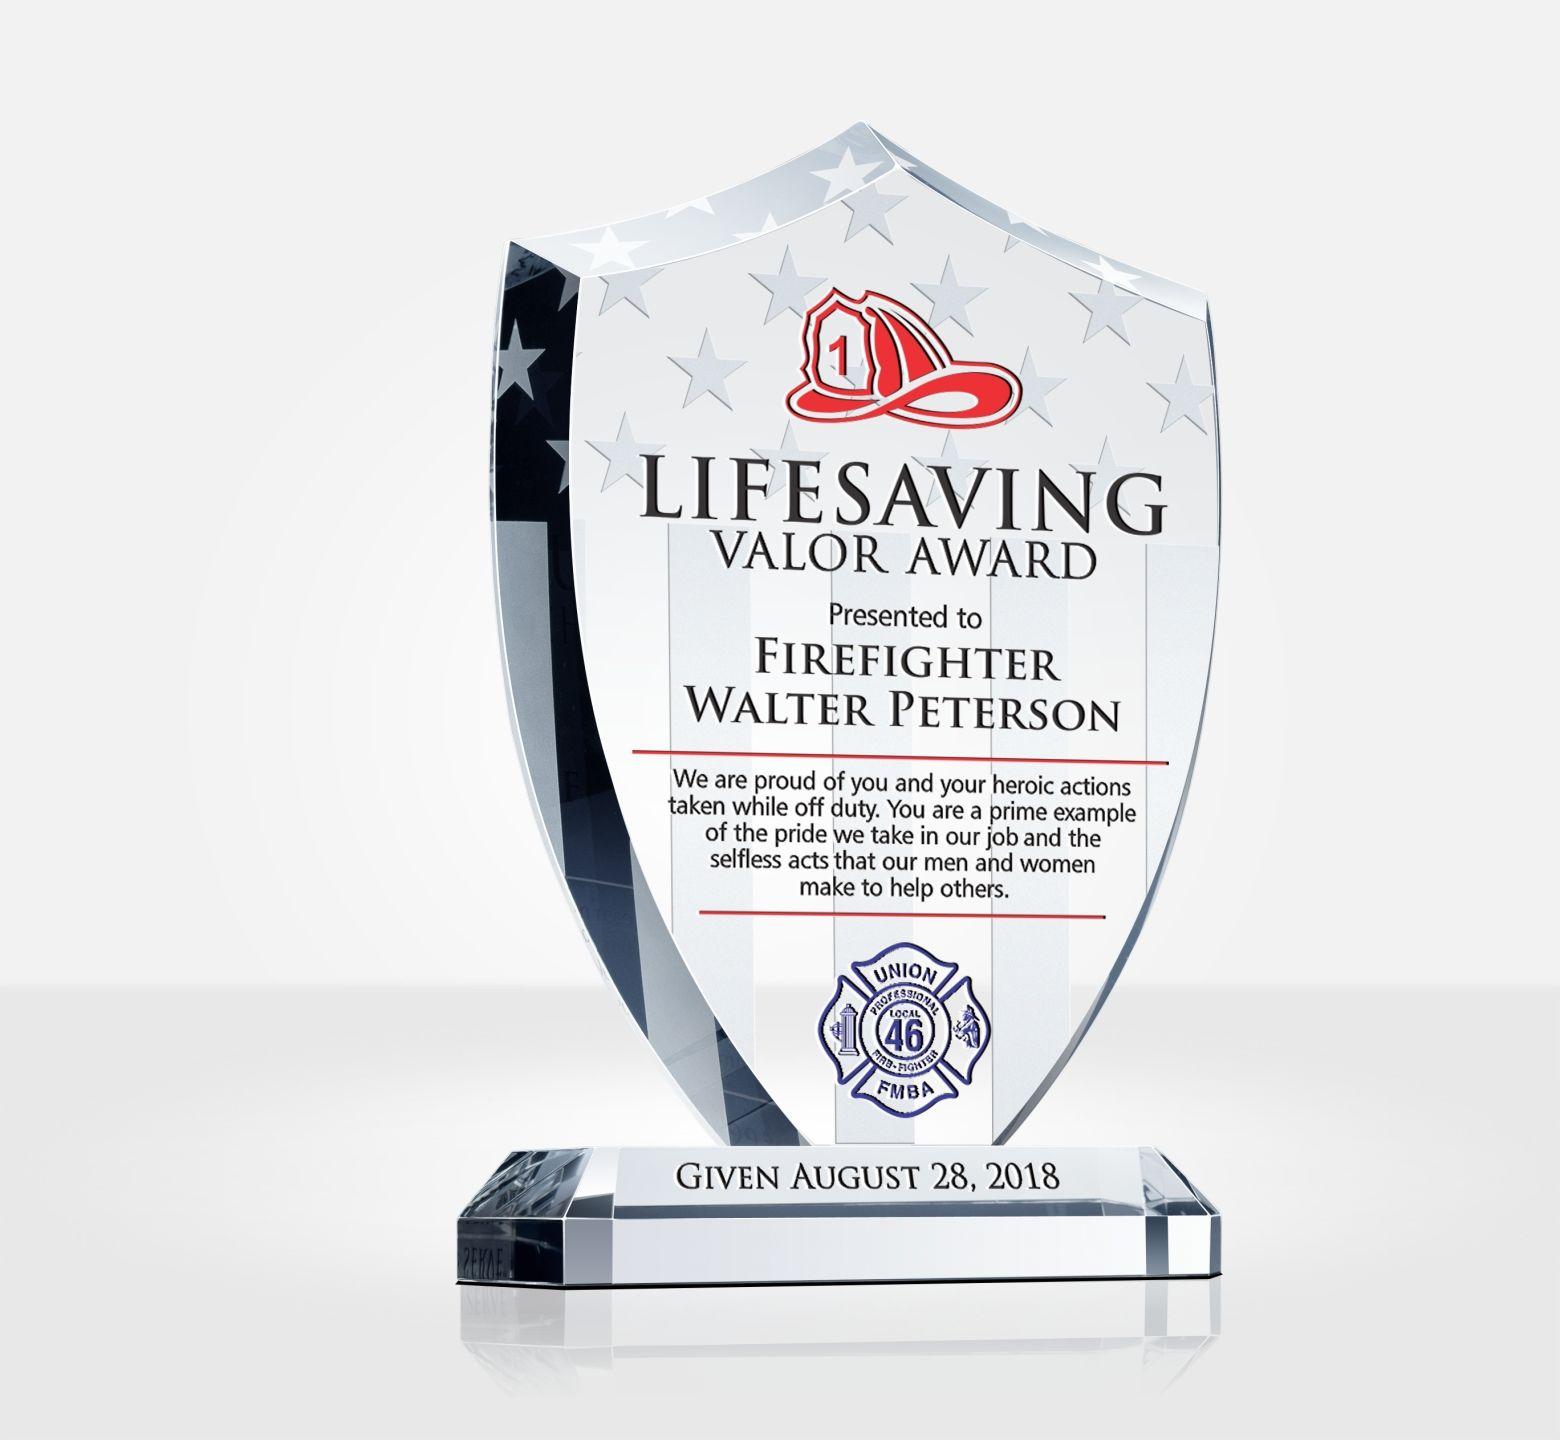 firefighter life saving valor award